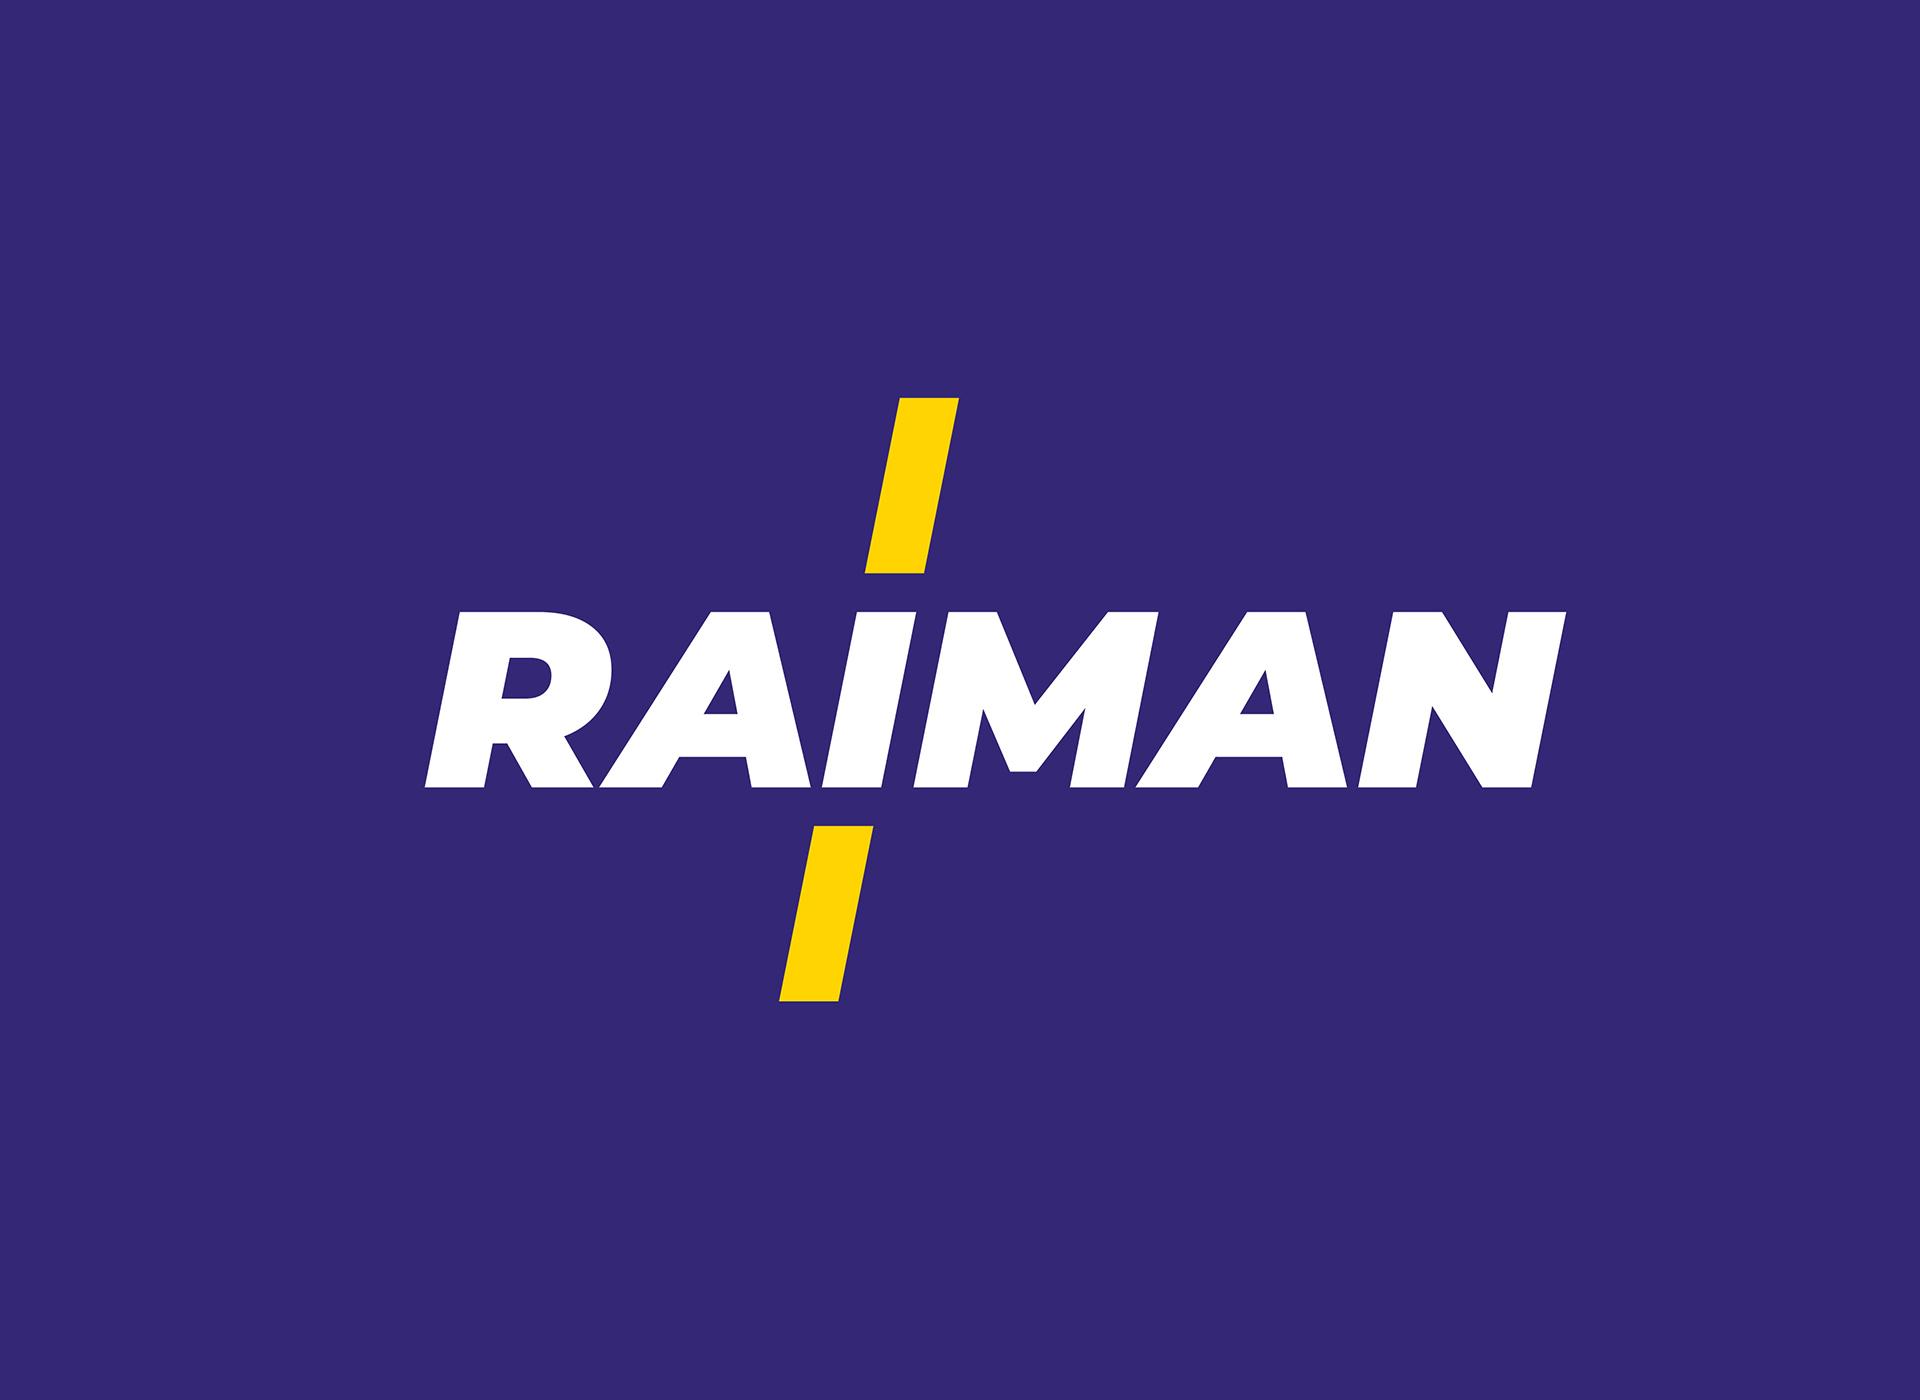 Raiman